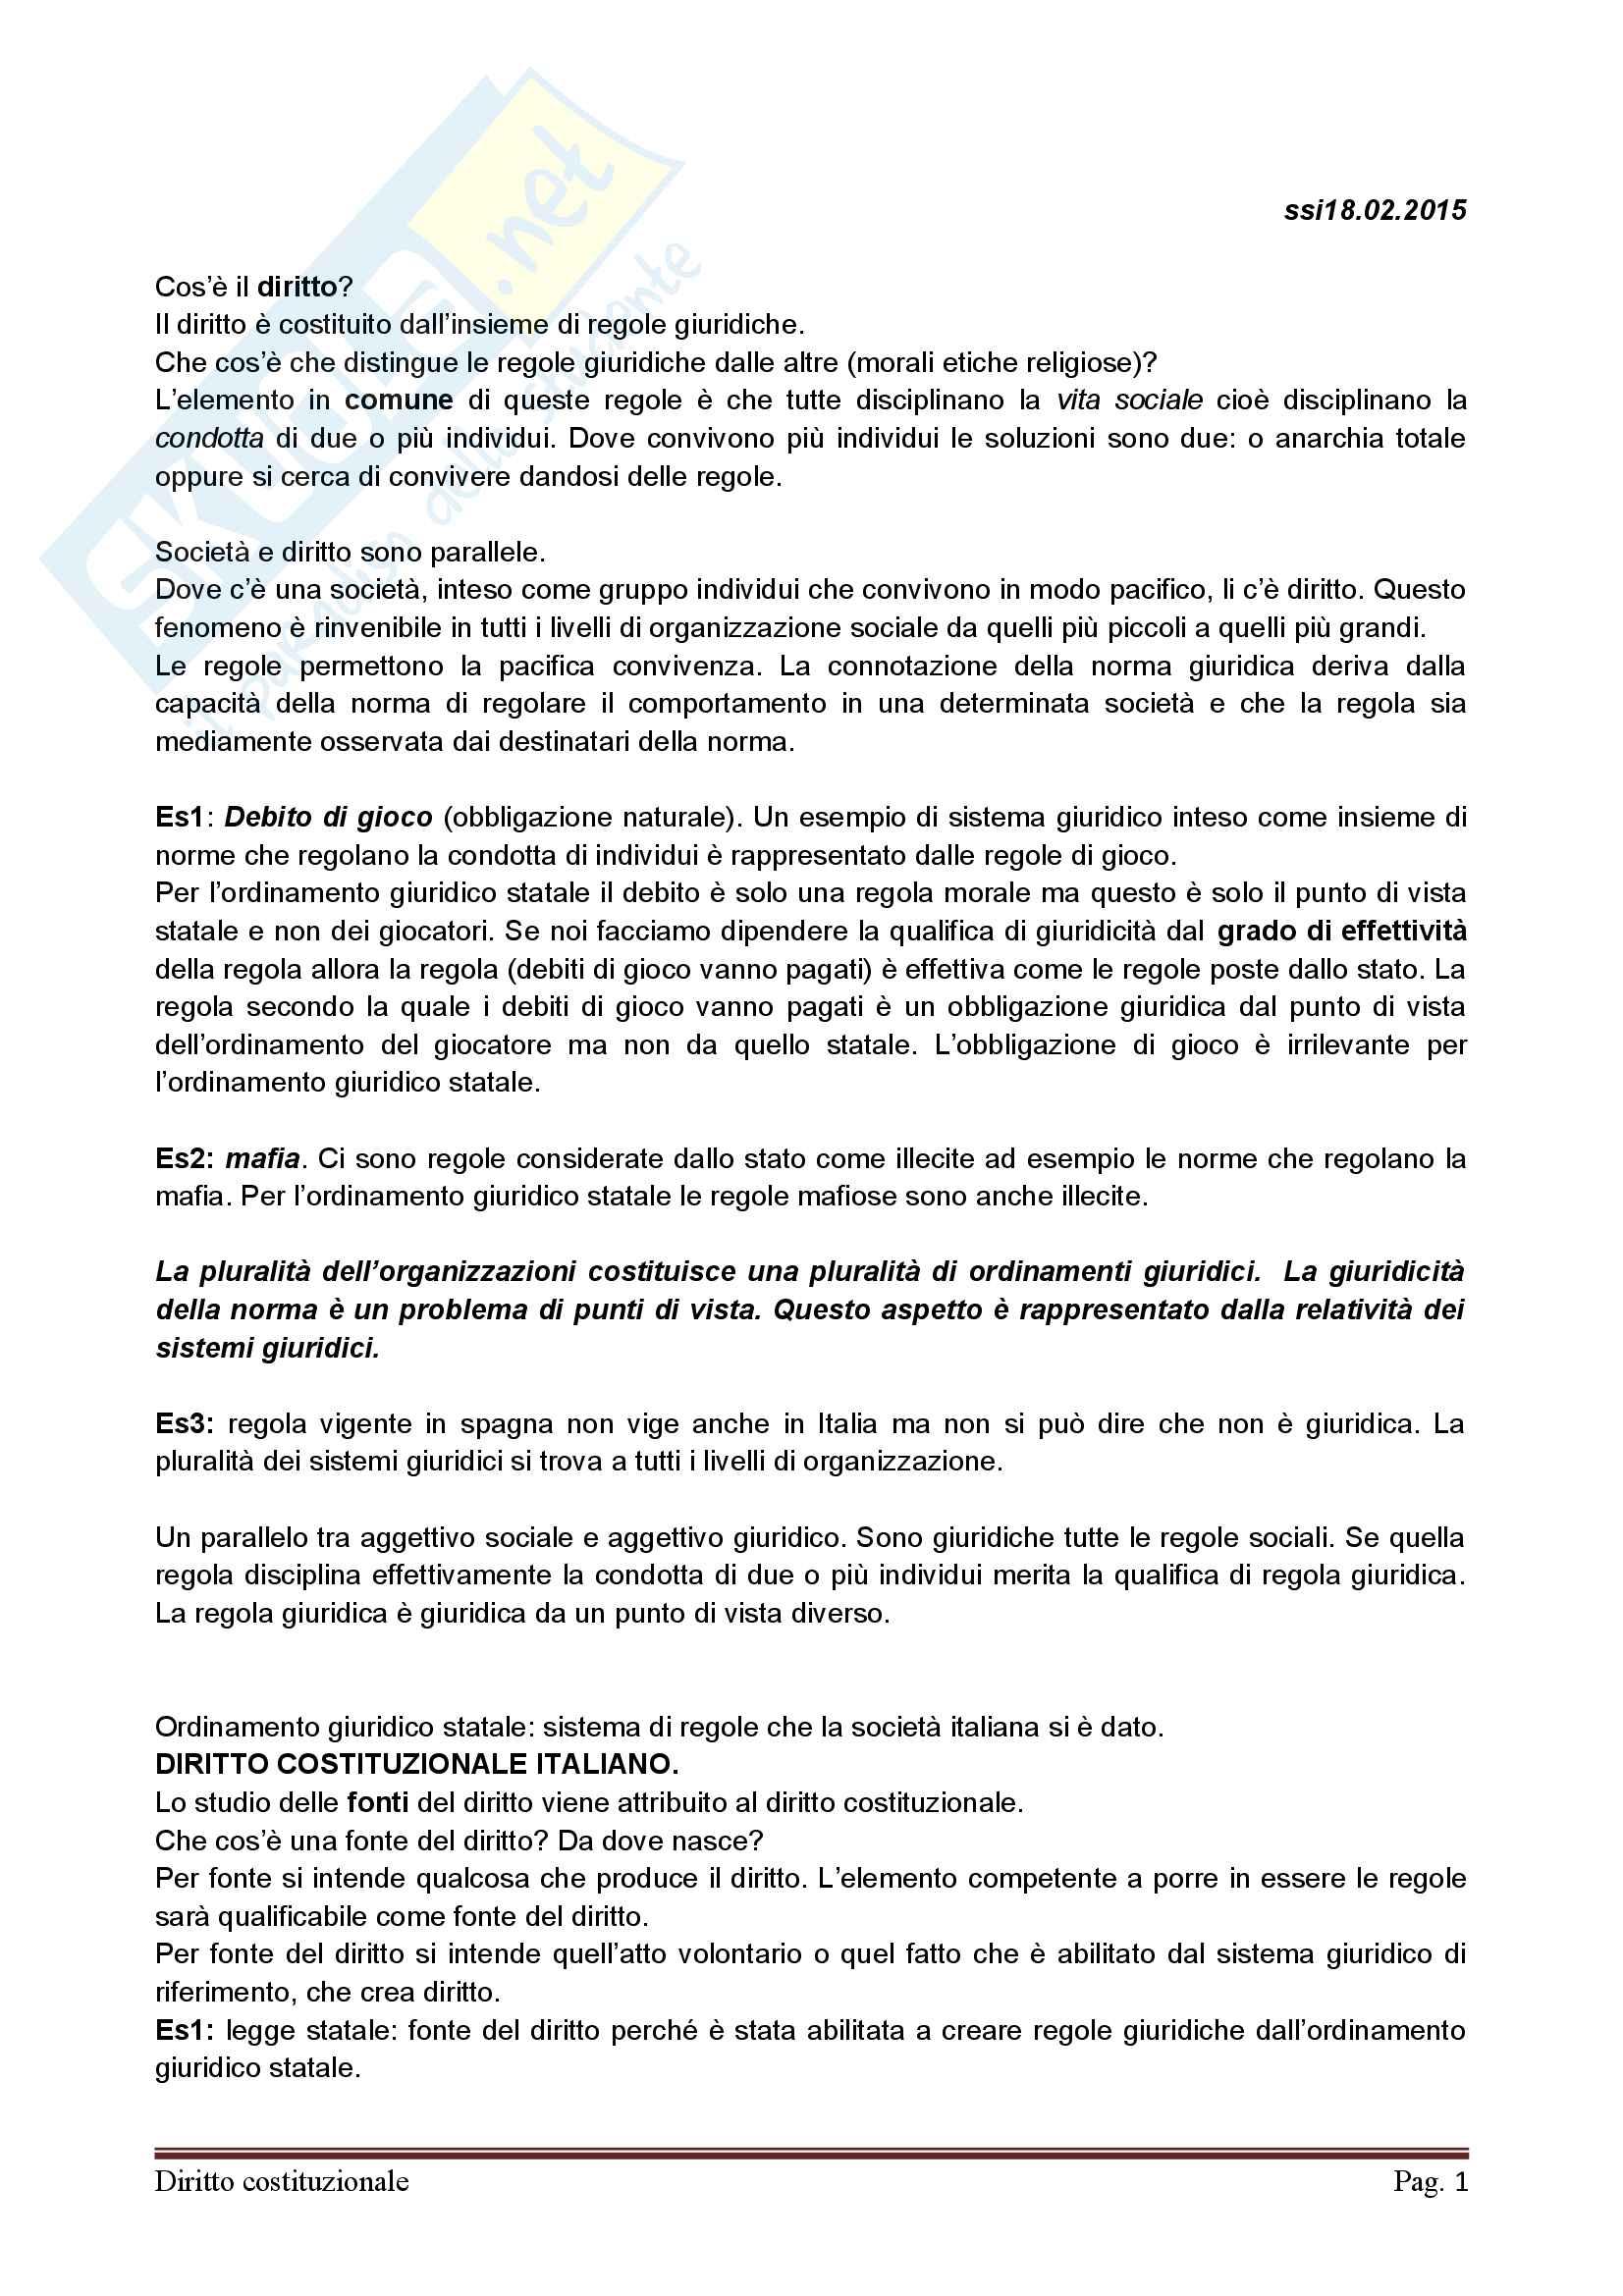 appunto P. Damiani Diritto costituzionale